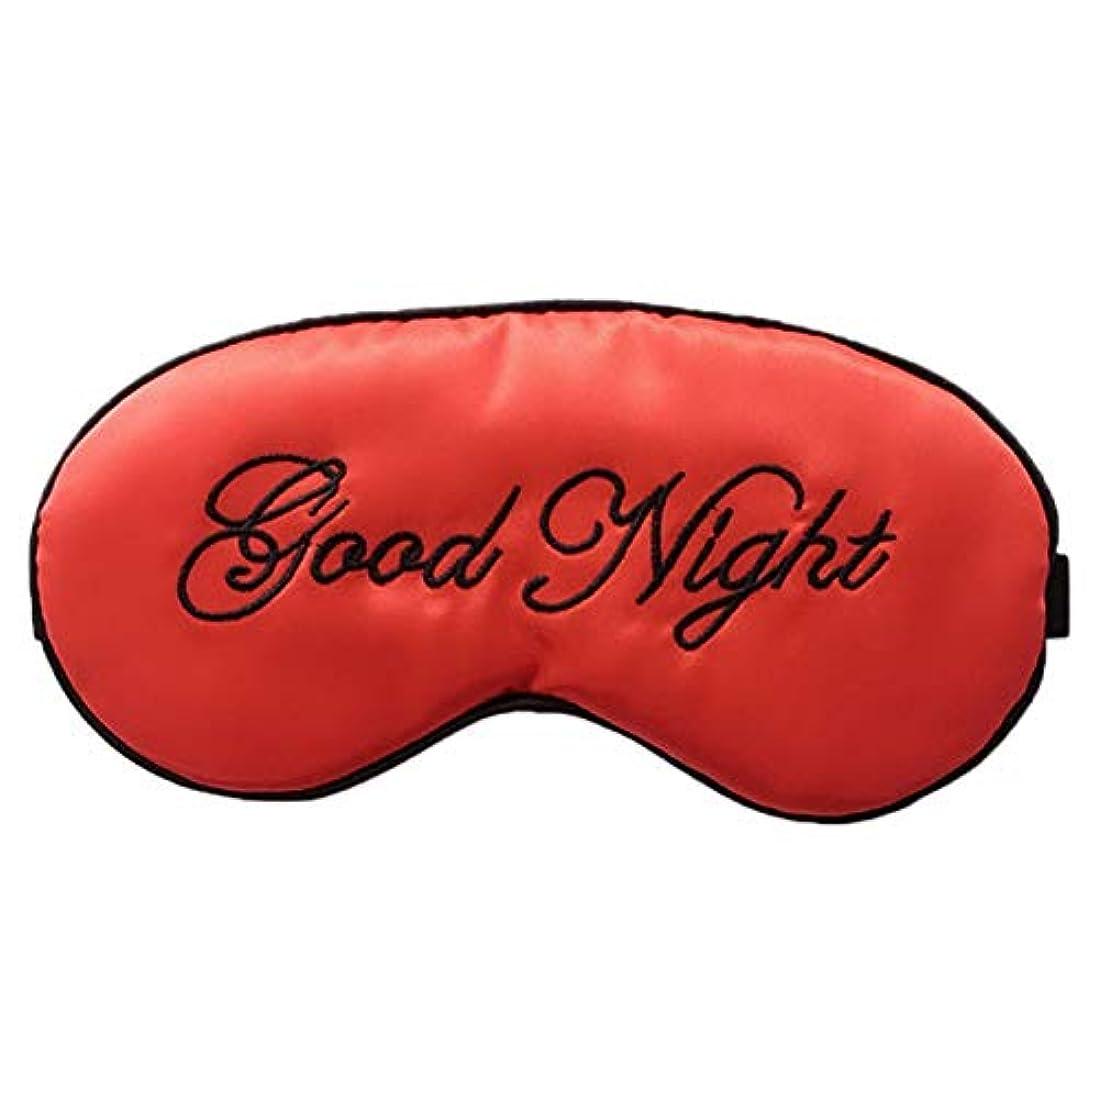 狂う区画発表NOTE 女性の手紙刺繍アイマスク模造フェイクシルクパッド入り睡眠シェードカバー旅行ポータブルパーソナルヘルスケア睡眠